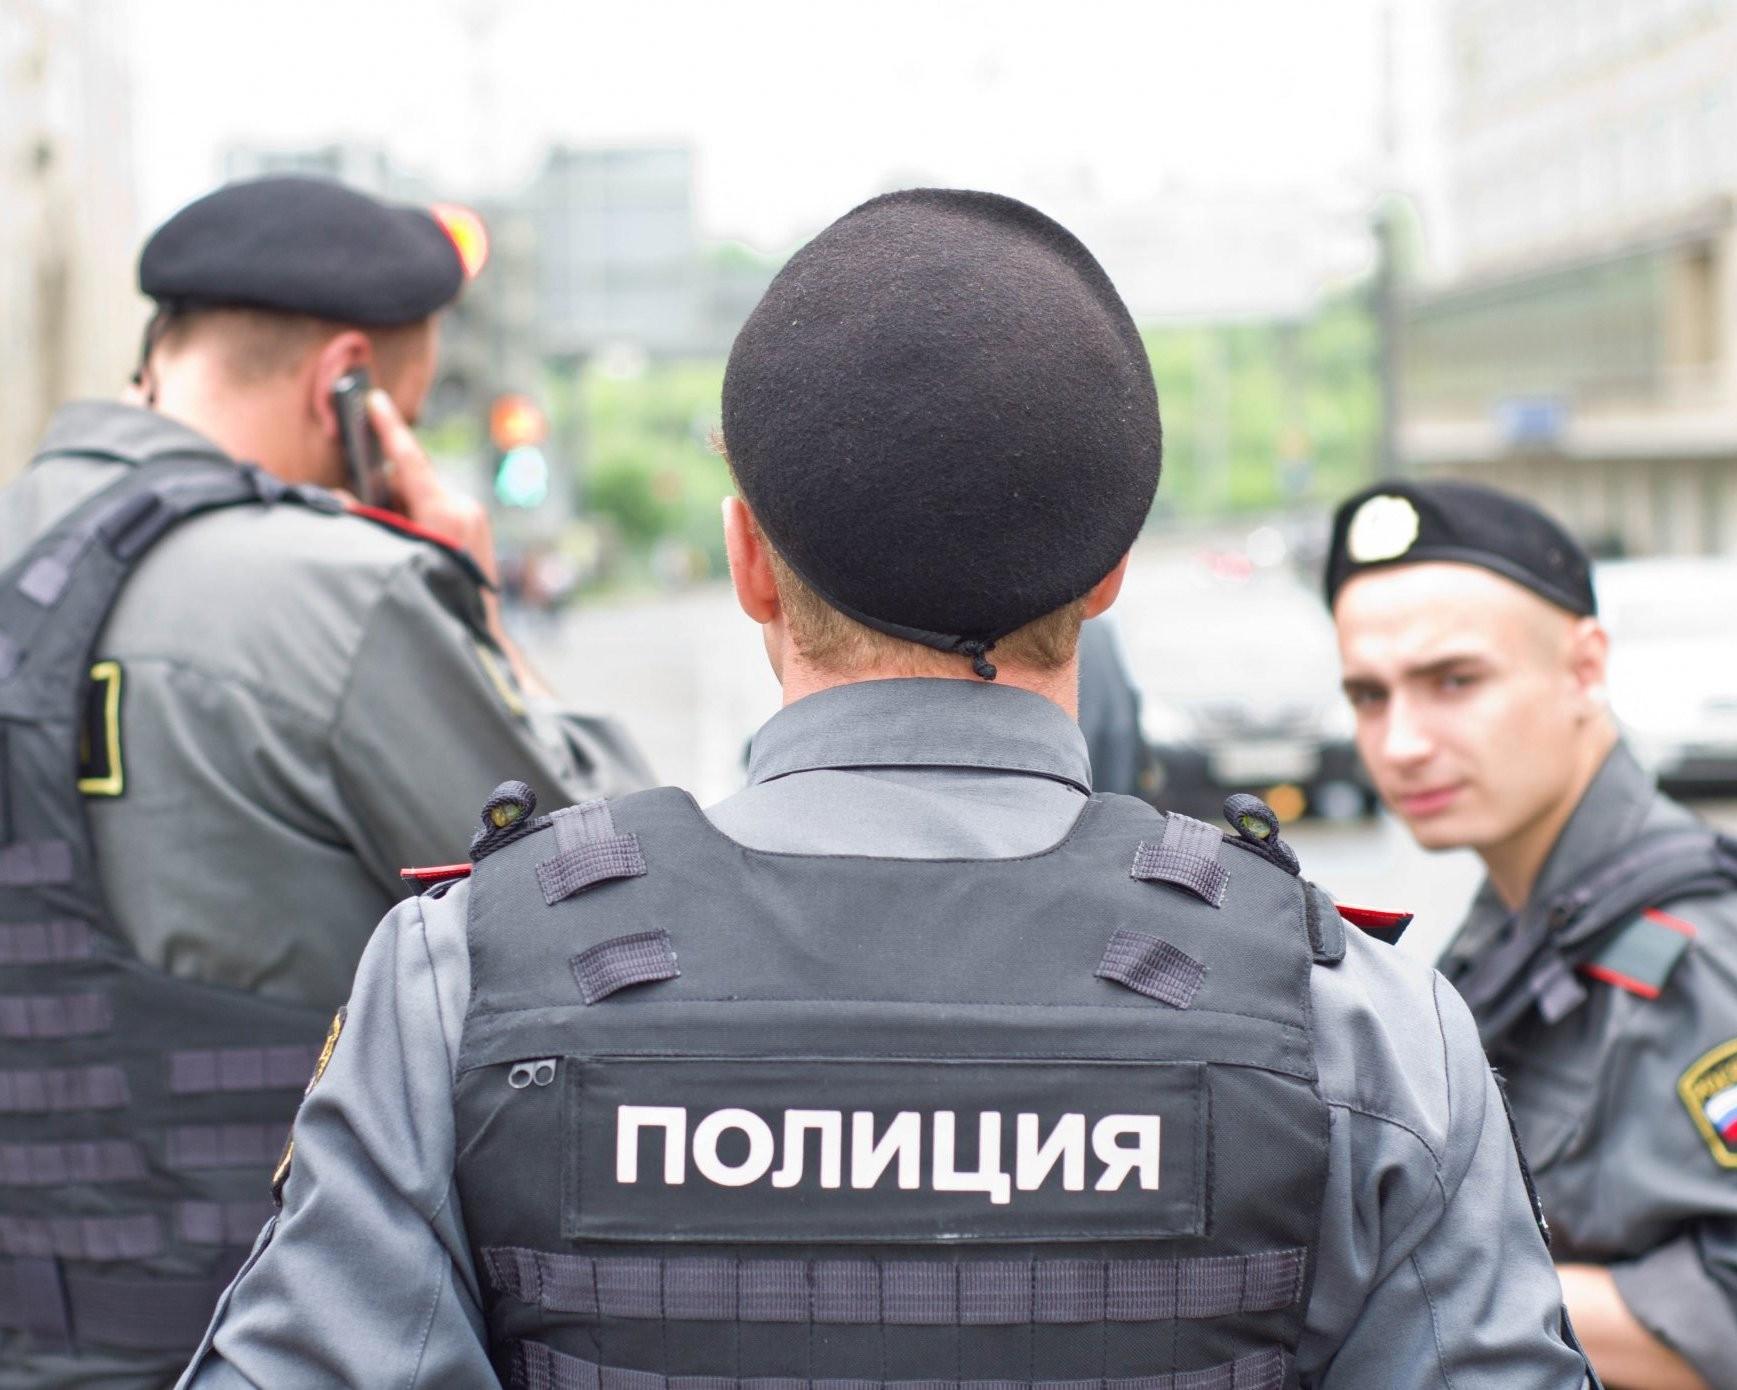 Наскамейке в основном районе отыскали труп женщины водеяле